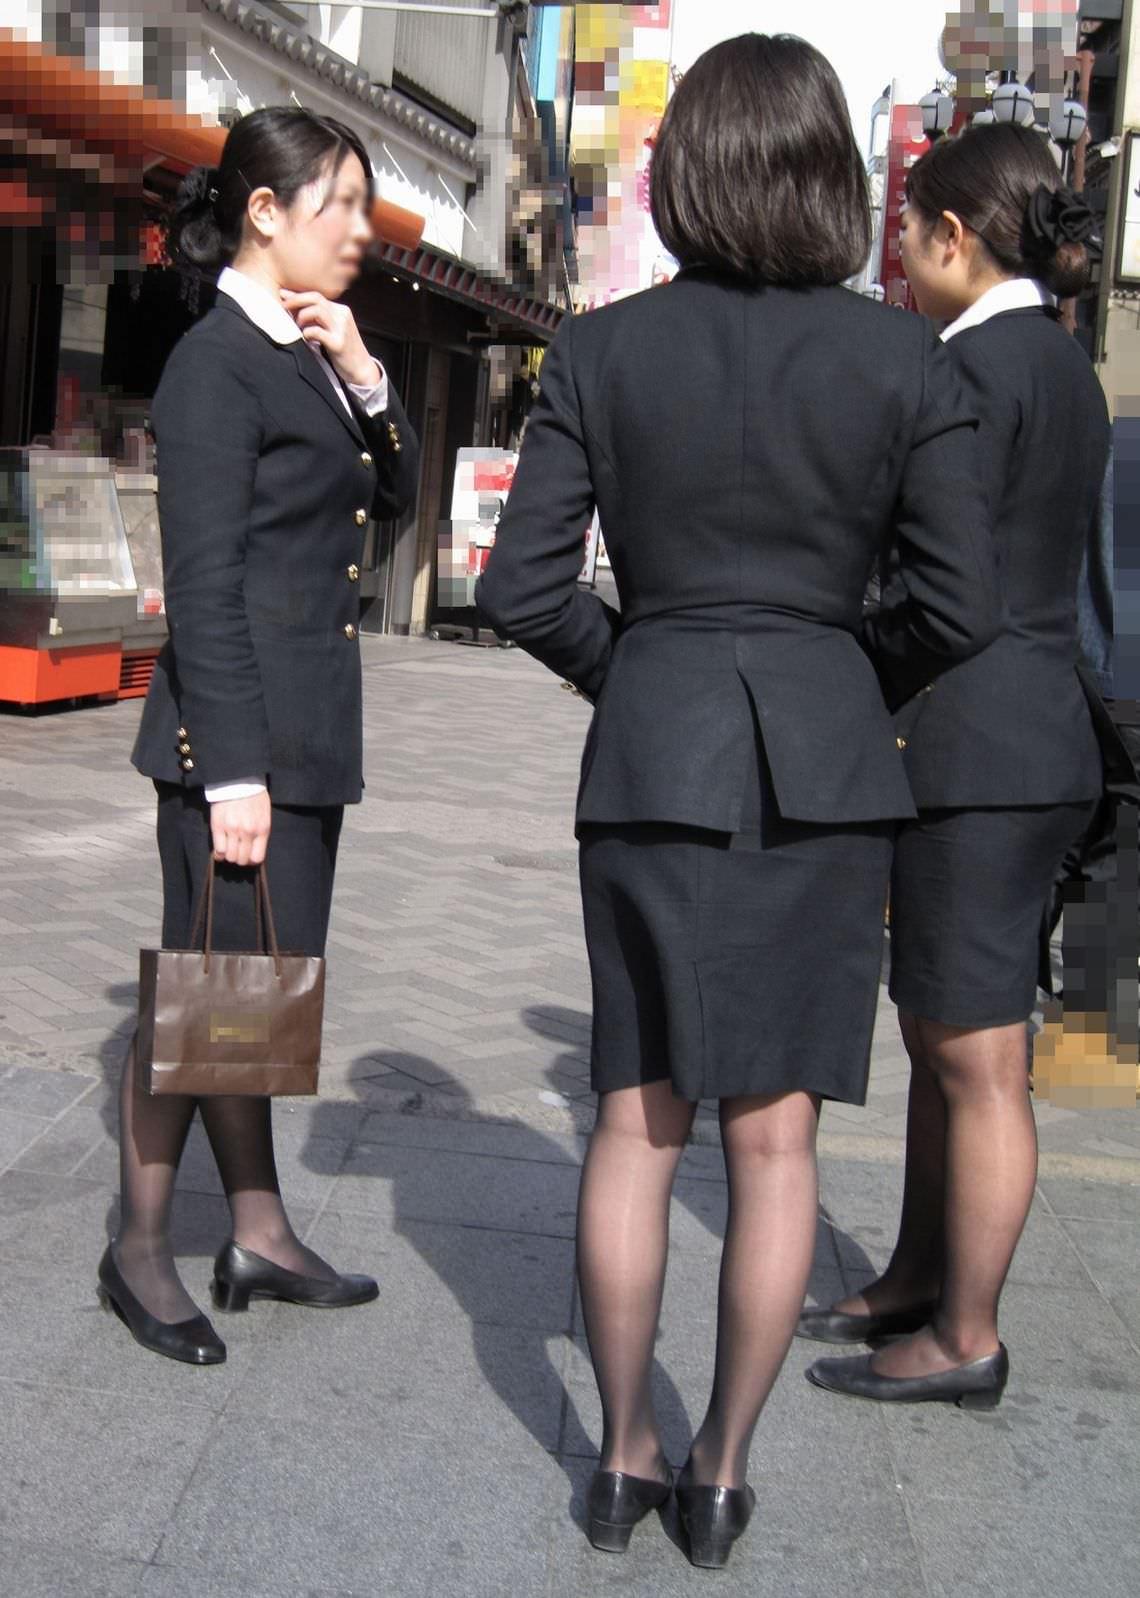 制服着たOLの街撮りお姉さま画像だけで抜く奴www 2413